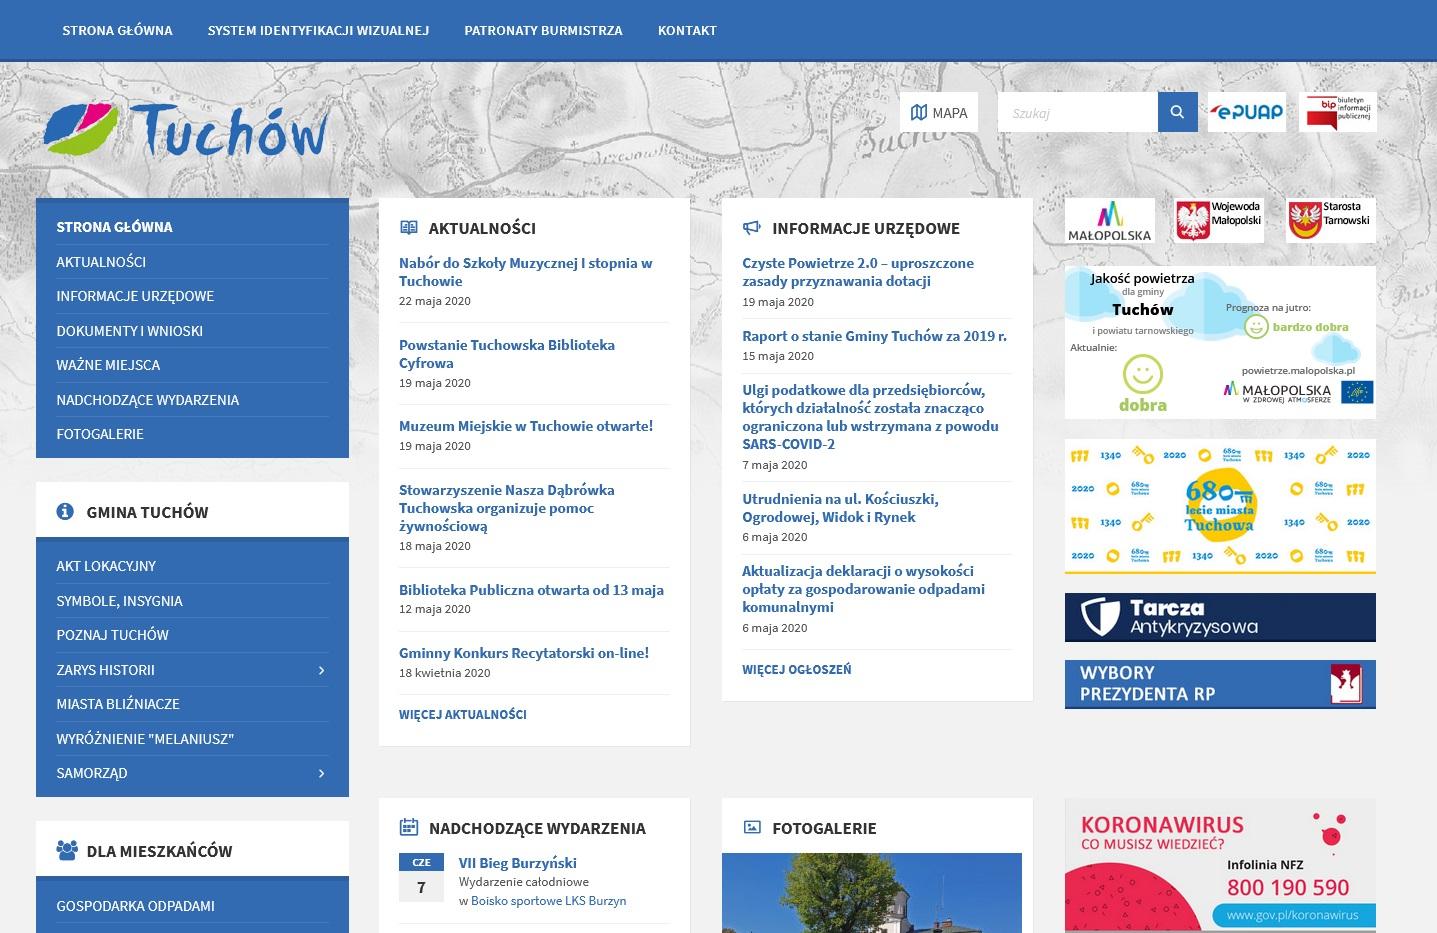 NOWA STRONA TUCHOWA – www.tuchow.pl